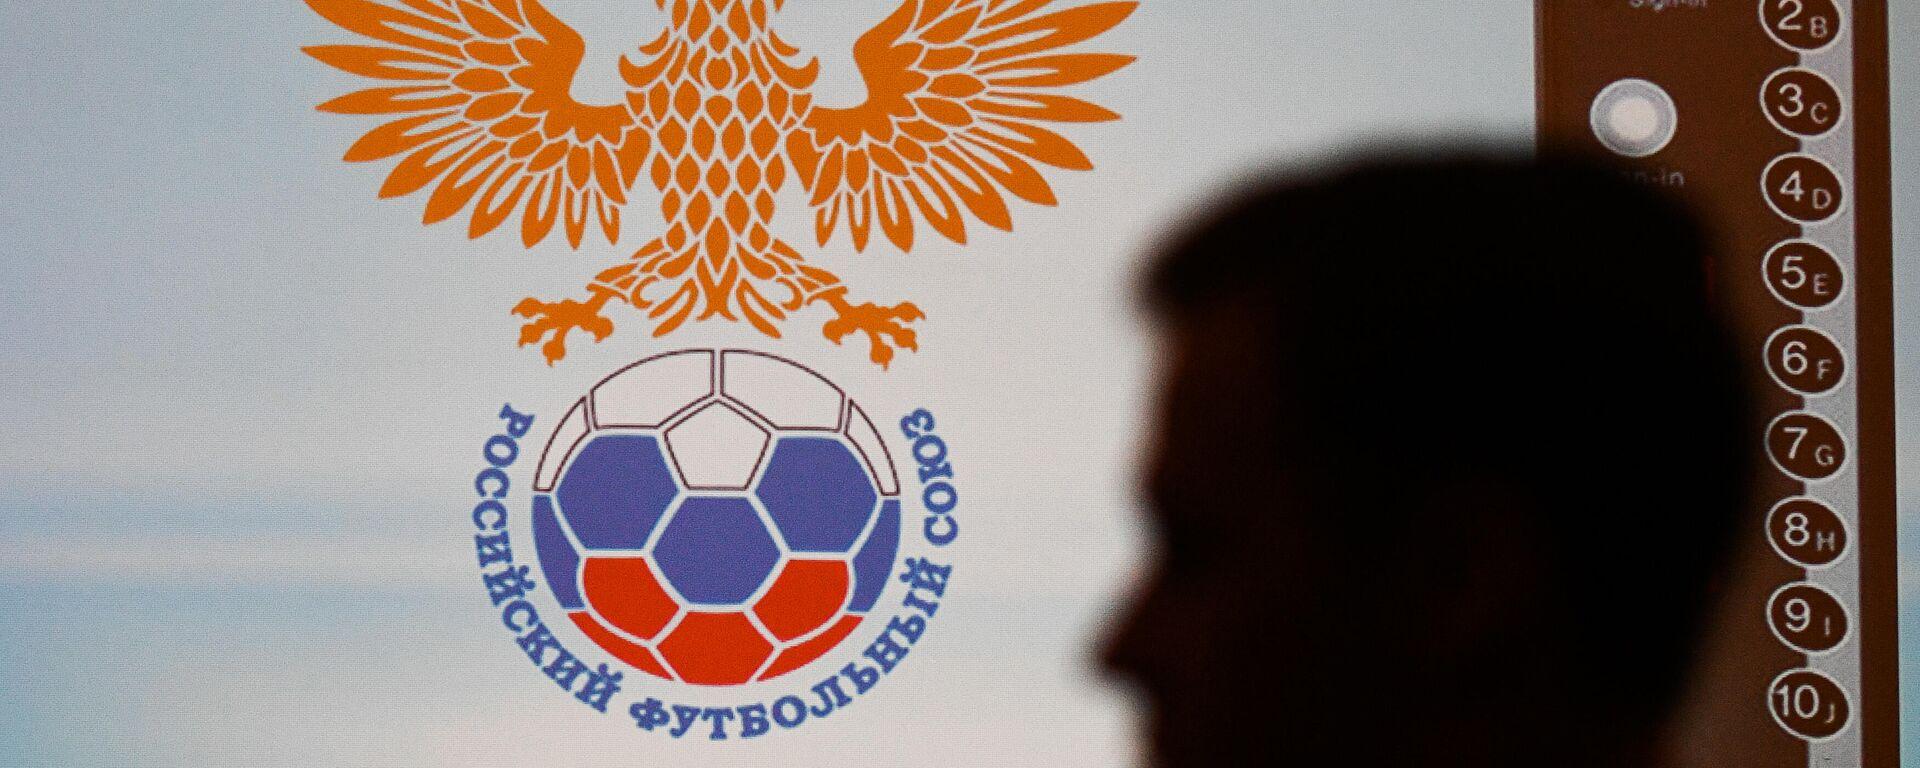 El logo de la Unión del Fútbol de Rusia - Sputnik Mundo, 1920, 19.04.2021